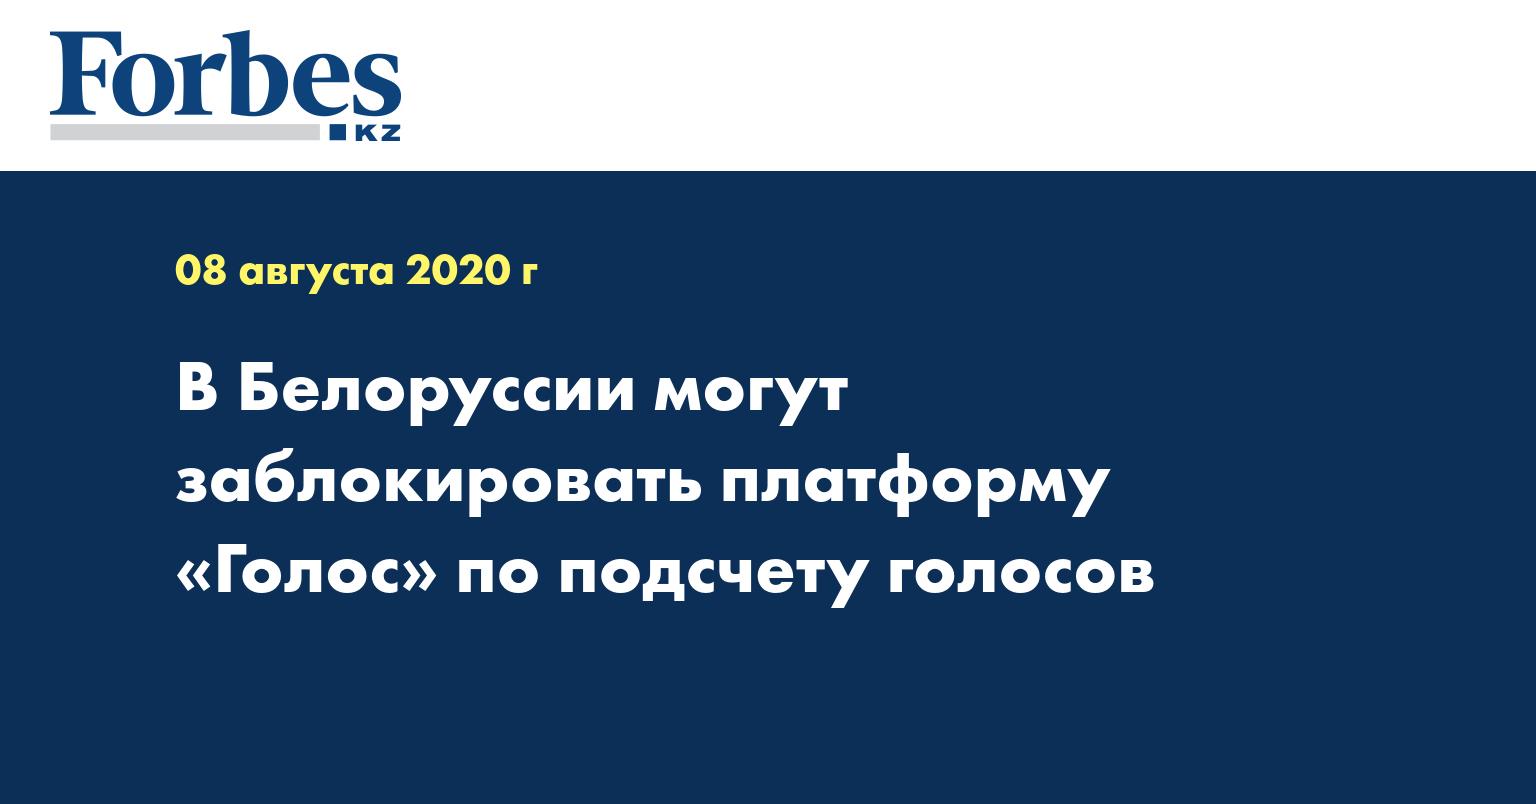 В Белоруссии могут заблокировать платформу «Голос» по подсчету голосов